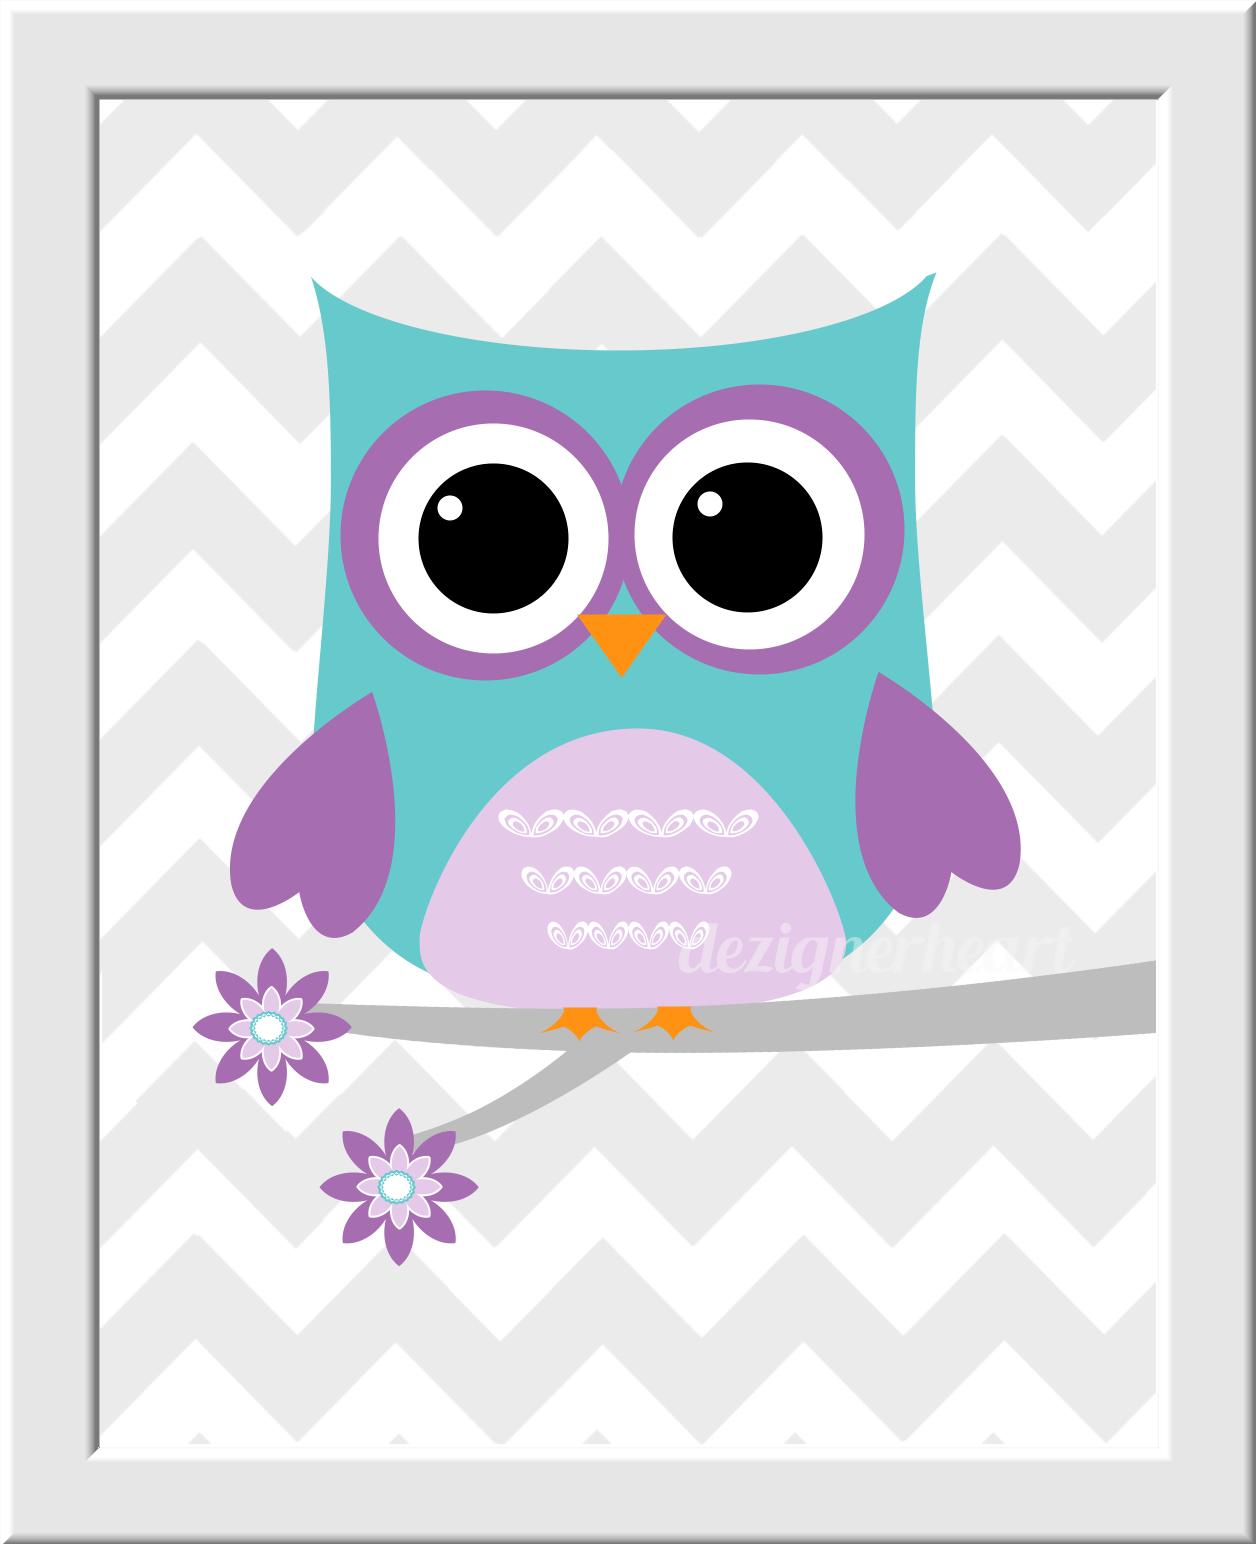 Baby Girl Nursery Wallpaper Borders Owl Baby Nursery Wall Art Lavender Teal Purple Name Love